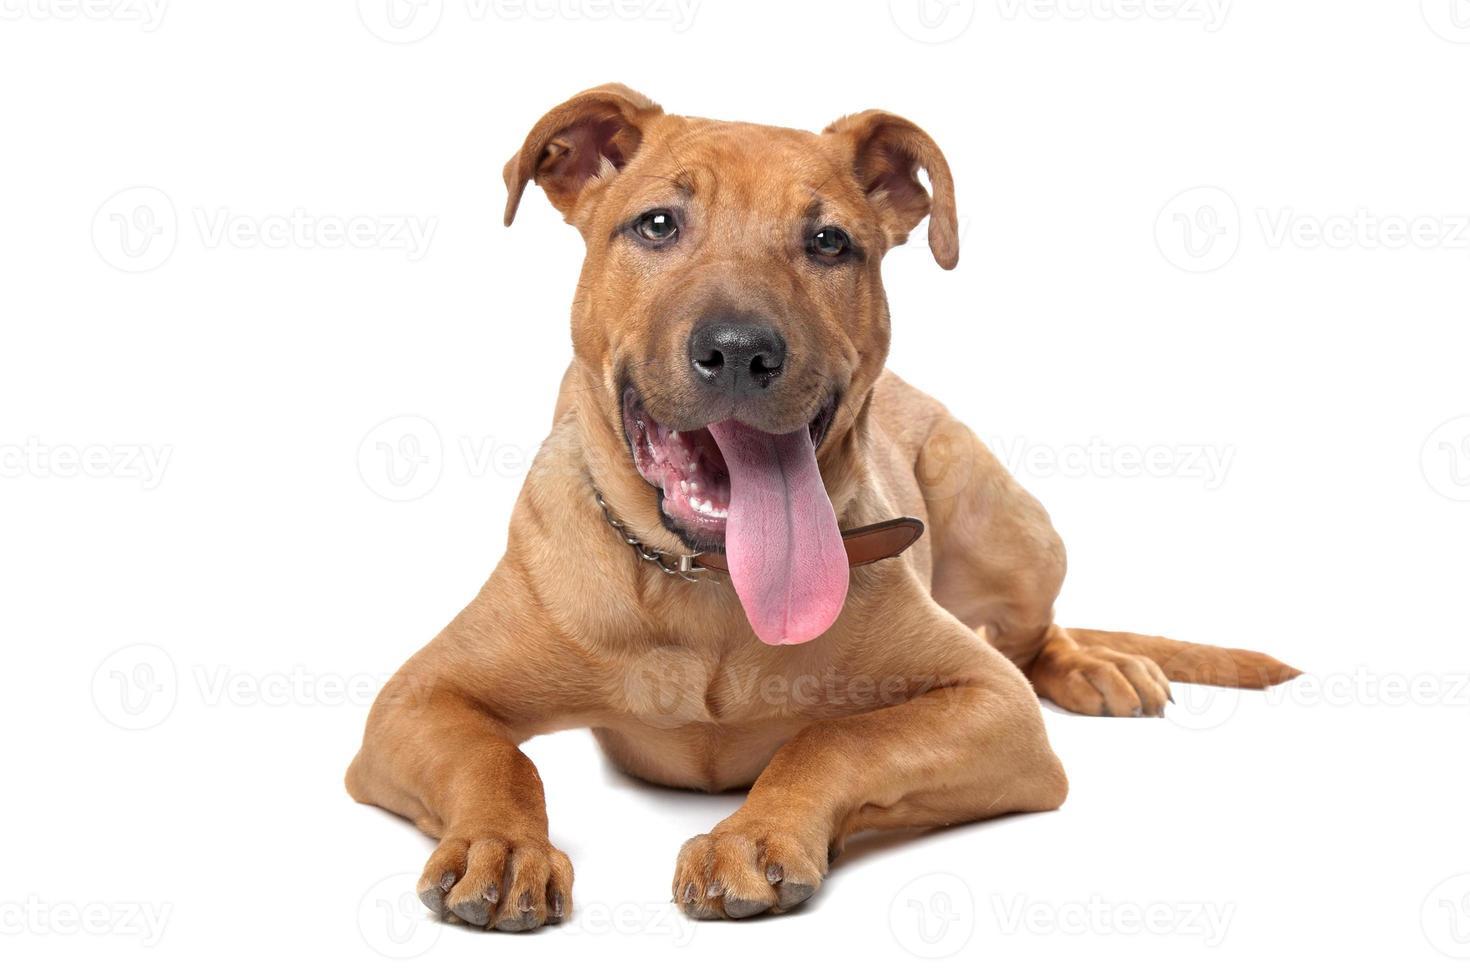 chien de race mixte photo